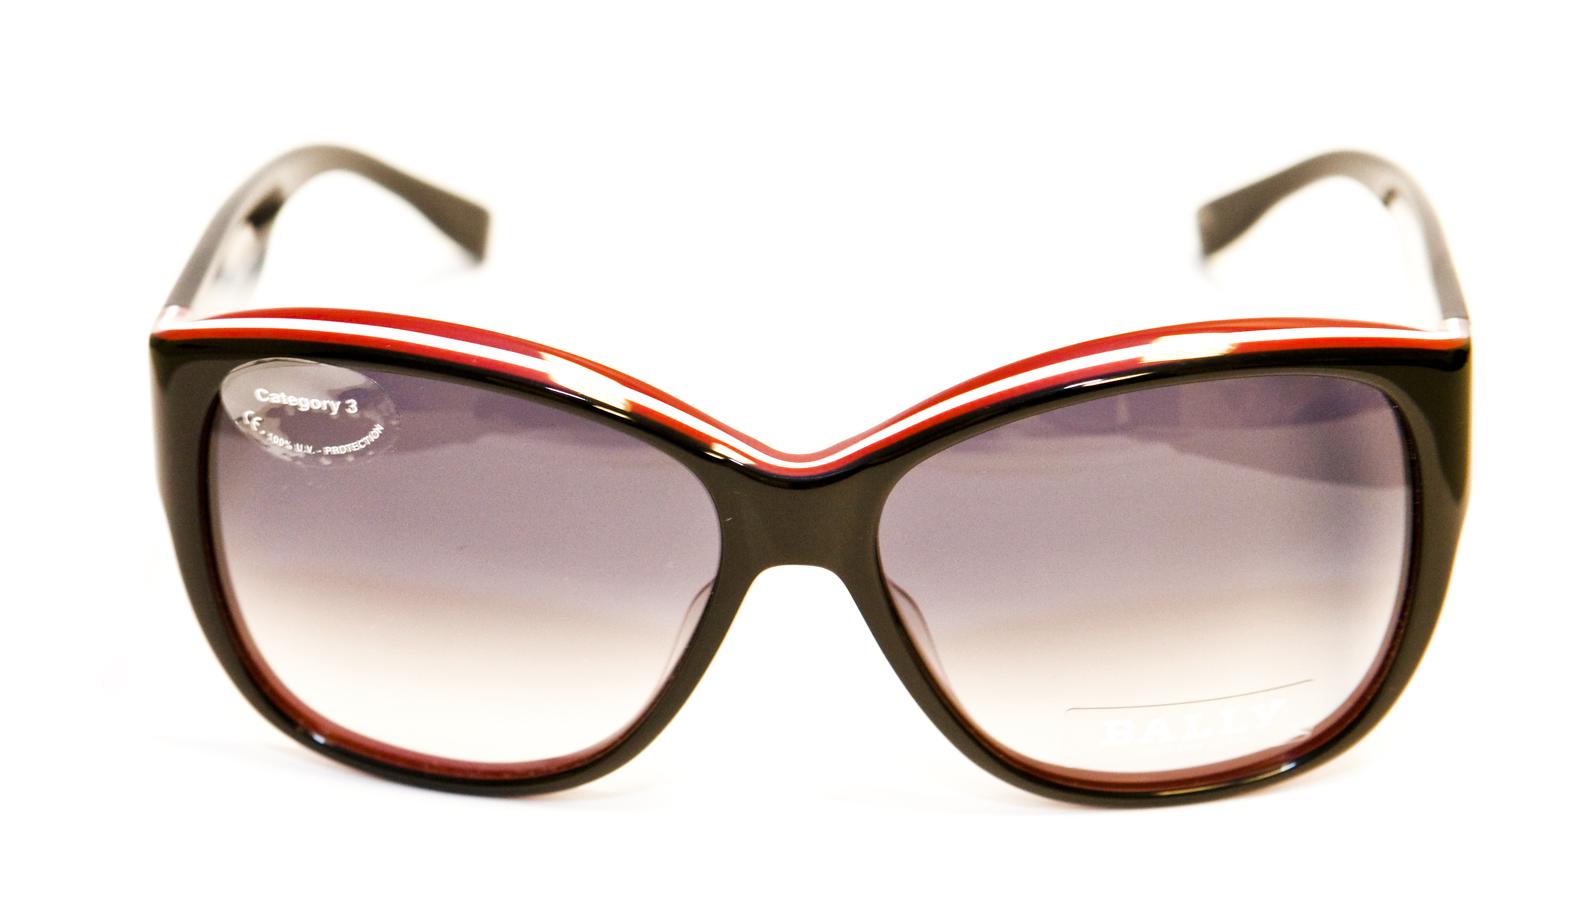 Ovatko itsetummuvat aurinko-/silmälasit kätevät?